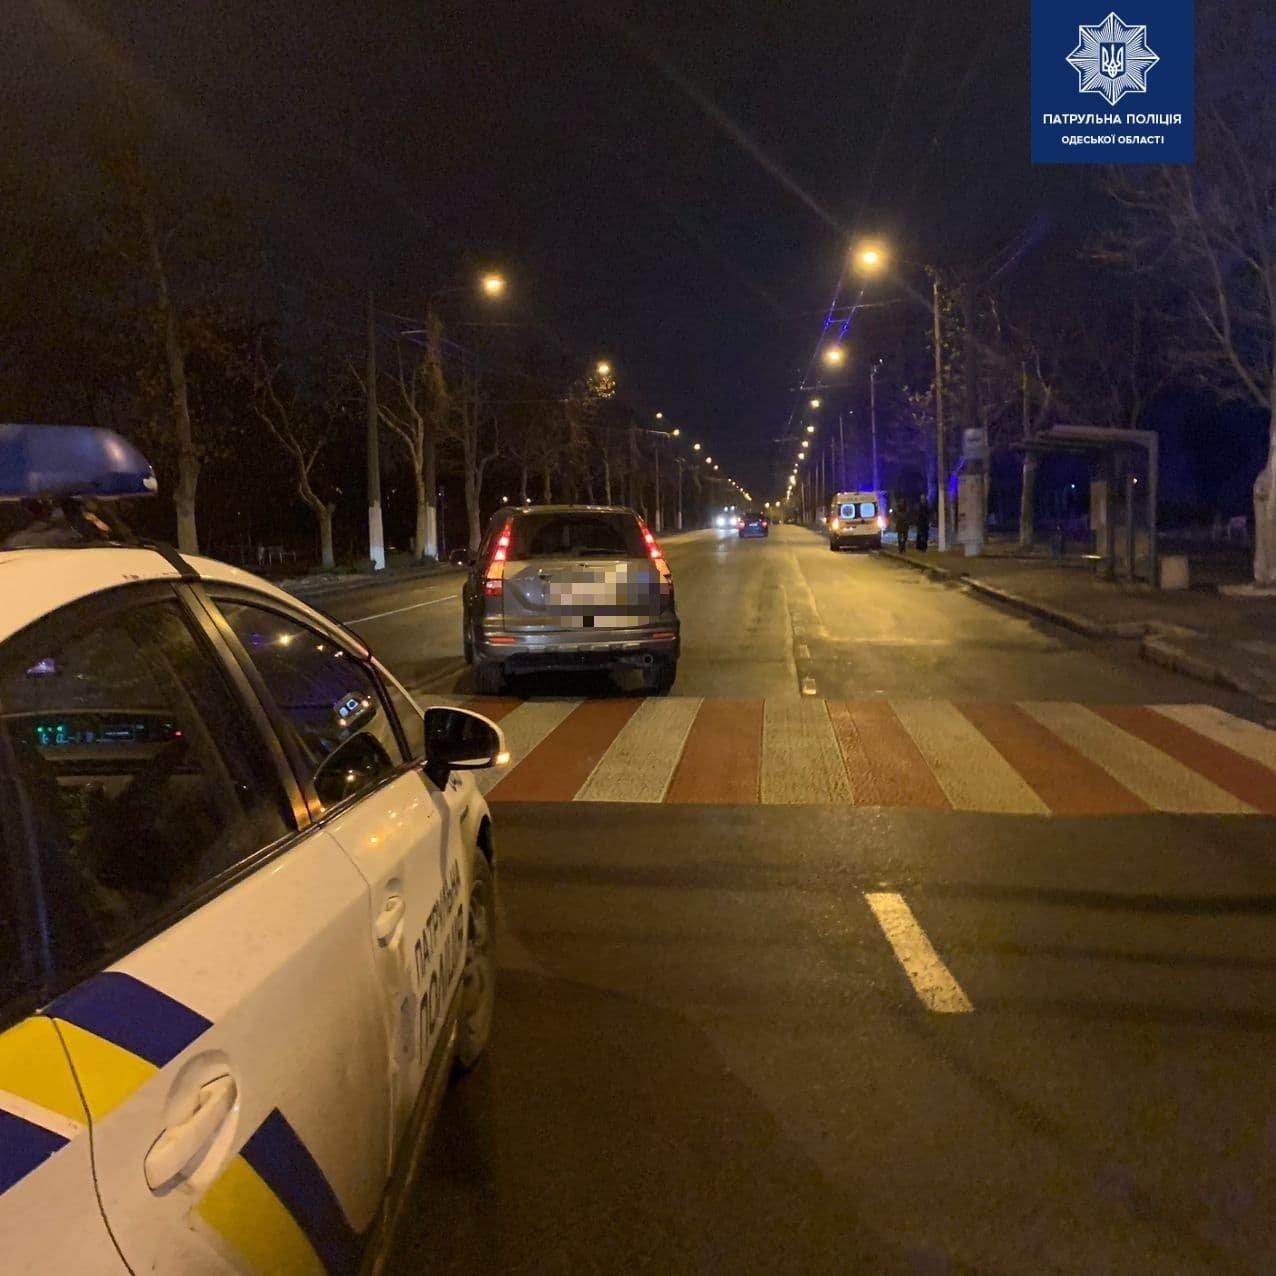 На проспекте Шевченко в Одессе автомобиль сбил женщину, - ФОТО, фото-1